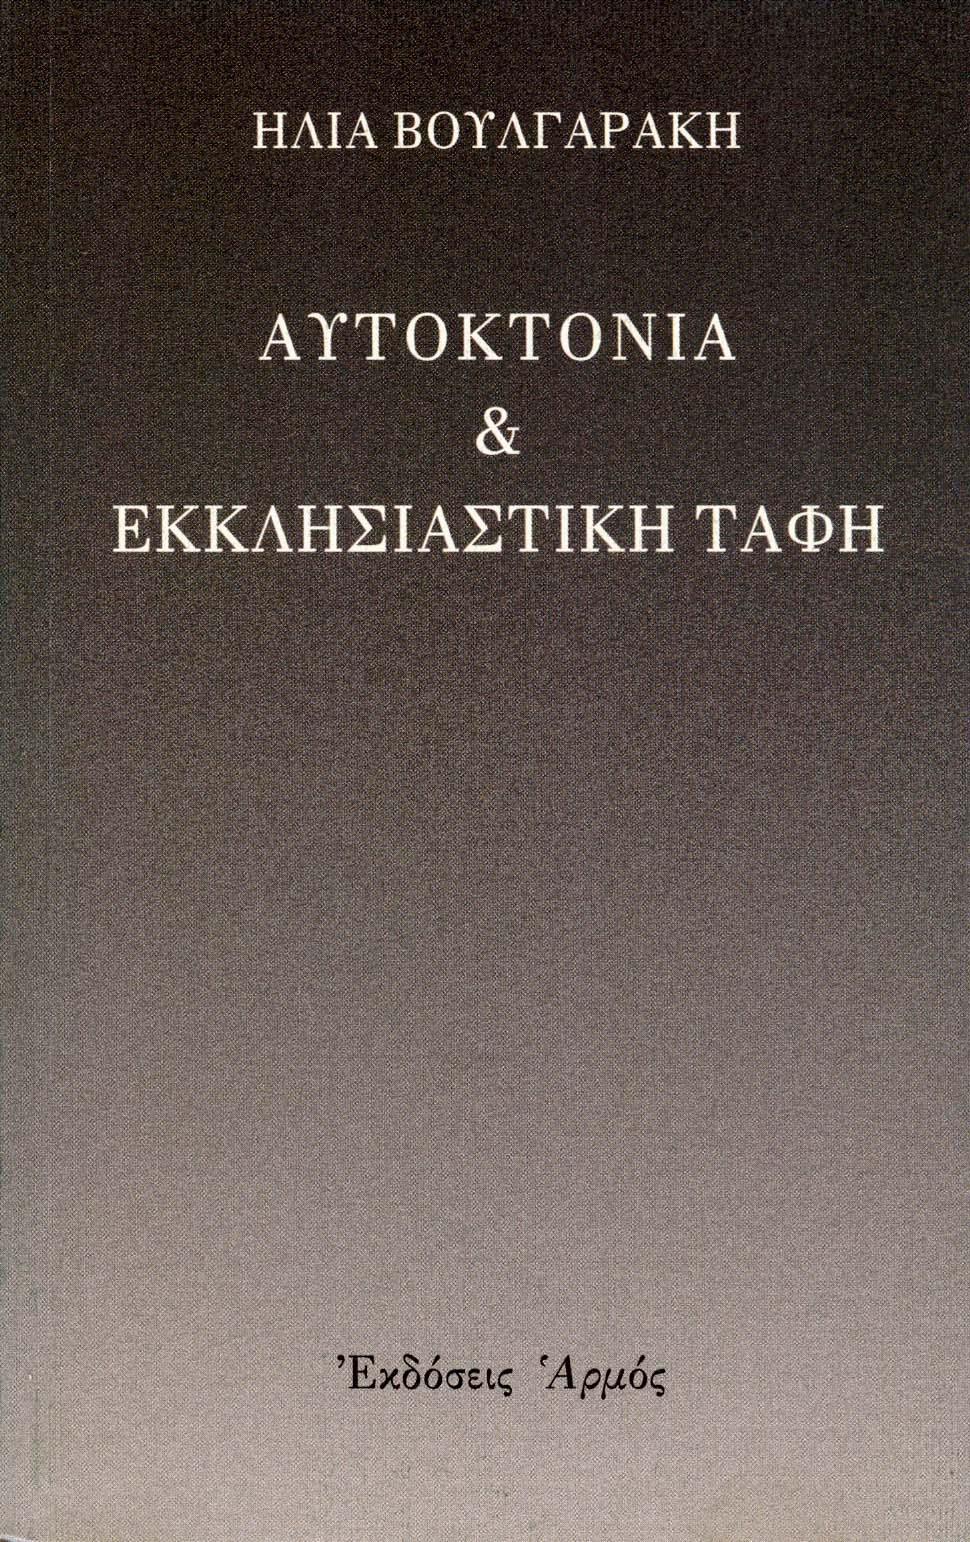 aftoktonia-kai-ekklisiastiki-tafi